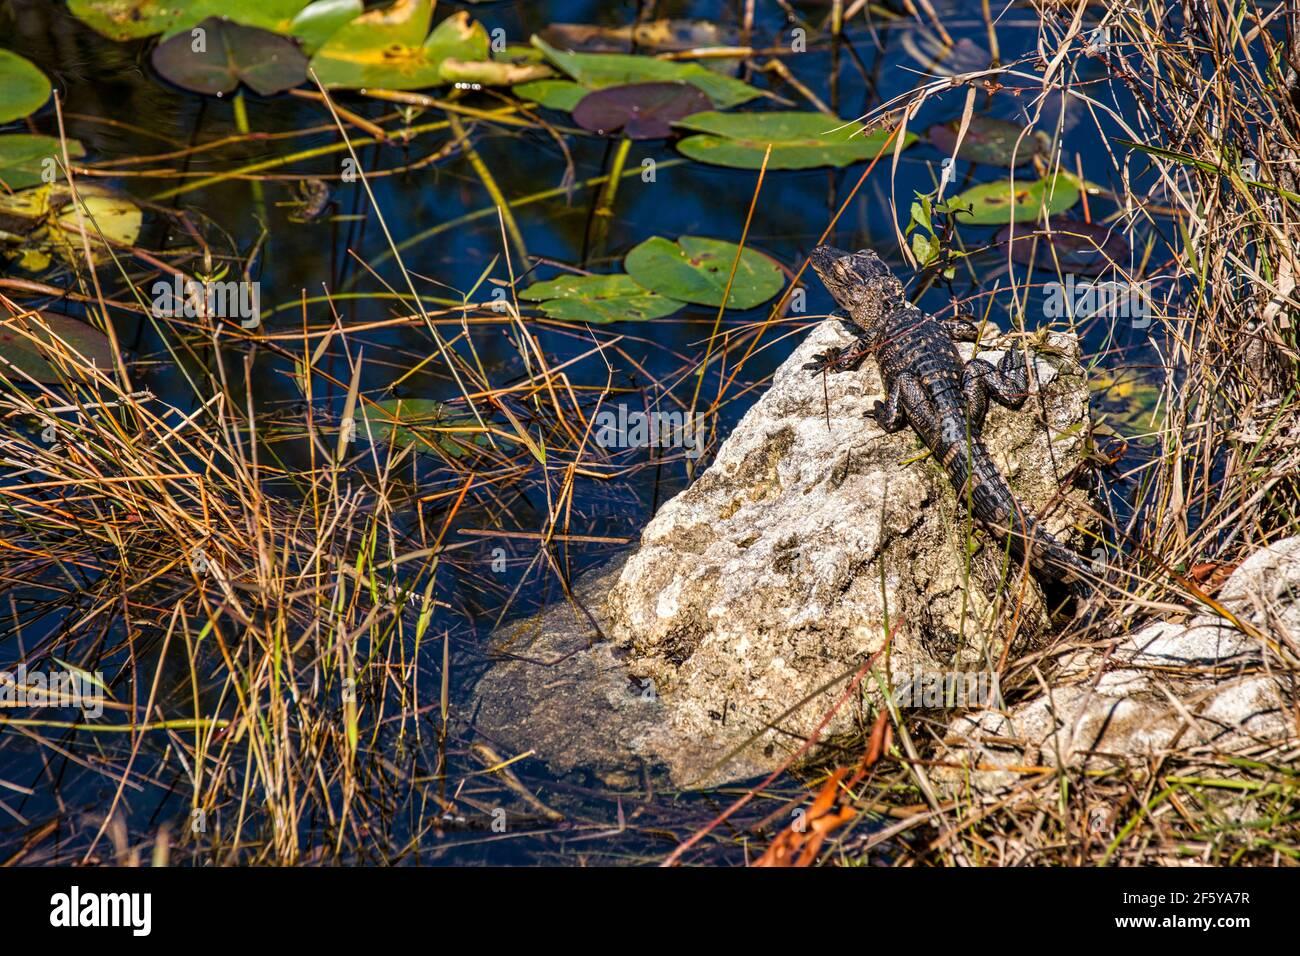 Un piccolo alligatore sdraiato su una roccia lungo un canale d'acqua a Shark Valley nel Parco Nazionale delle Everglades in Florida. Foto Stock